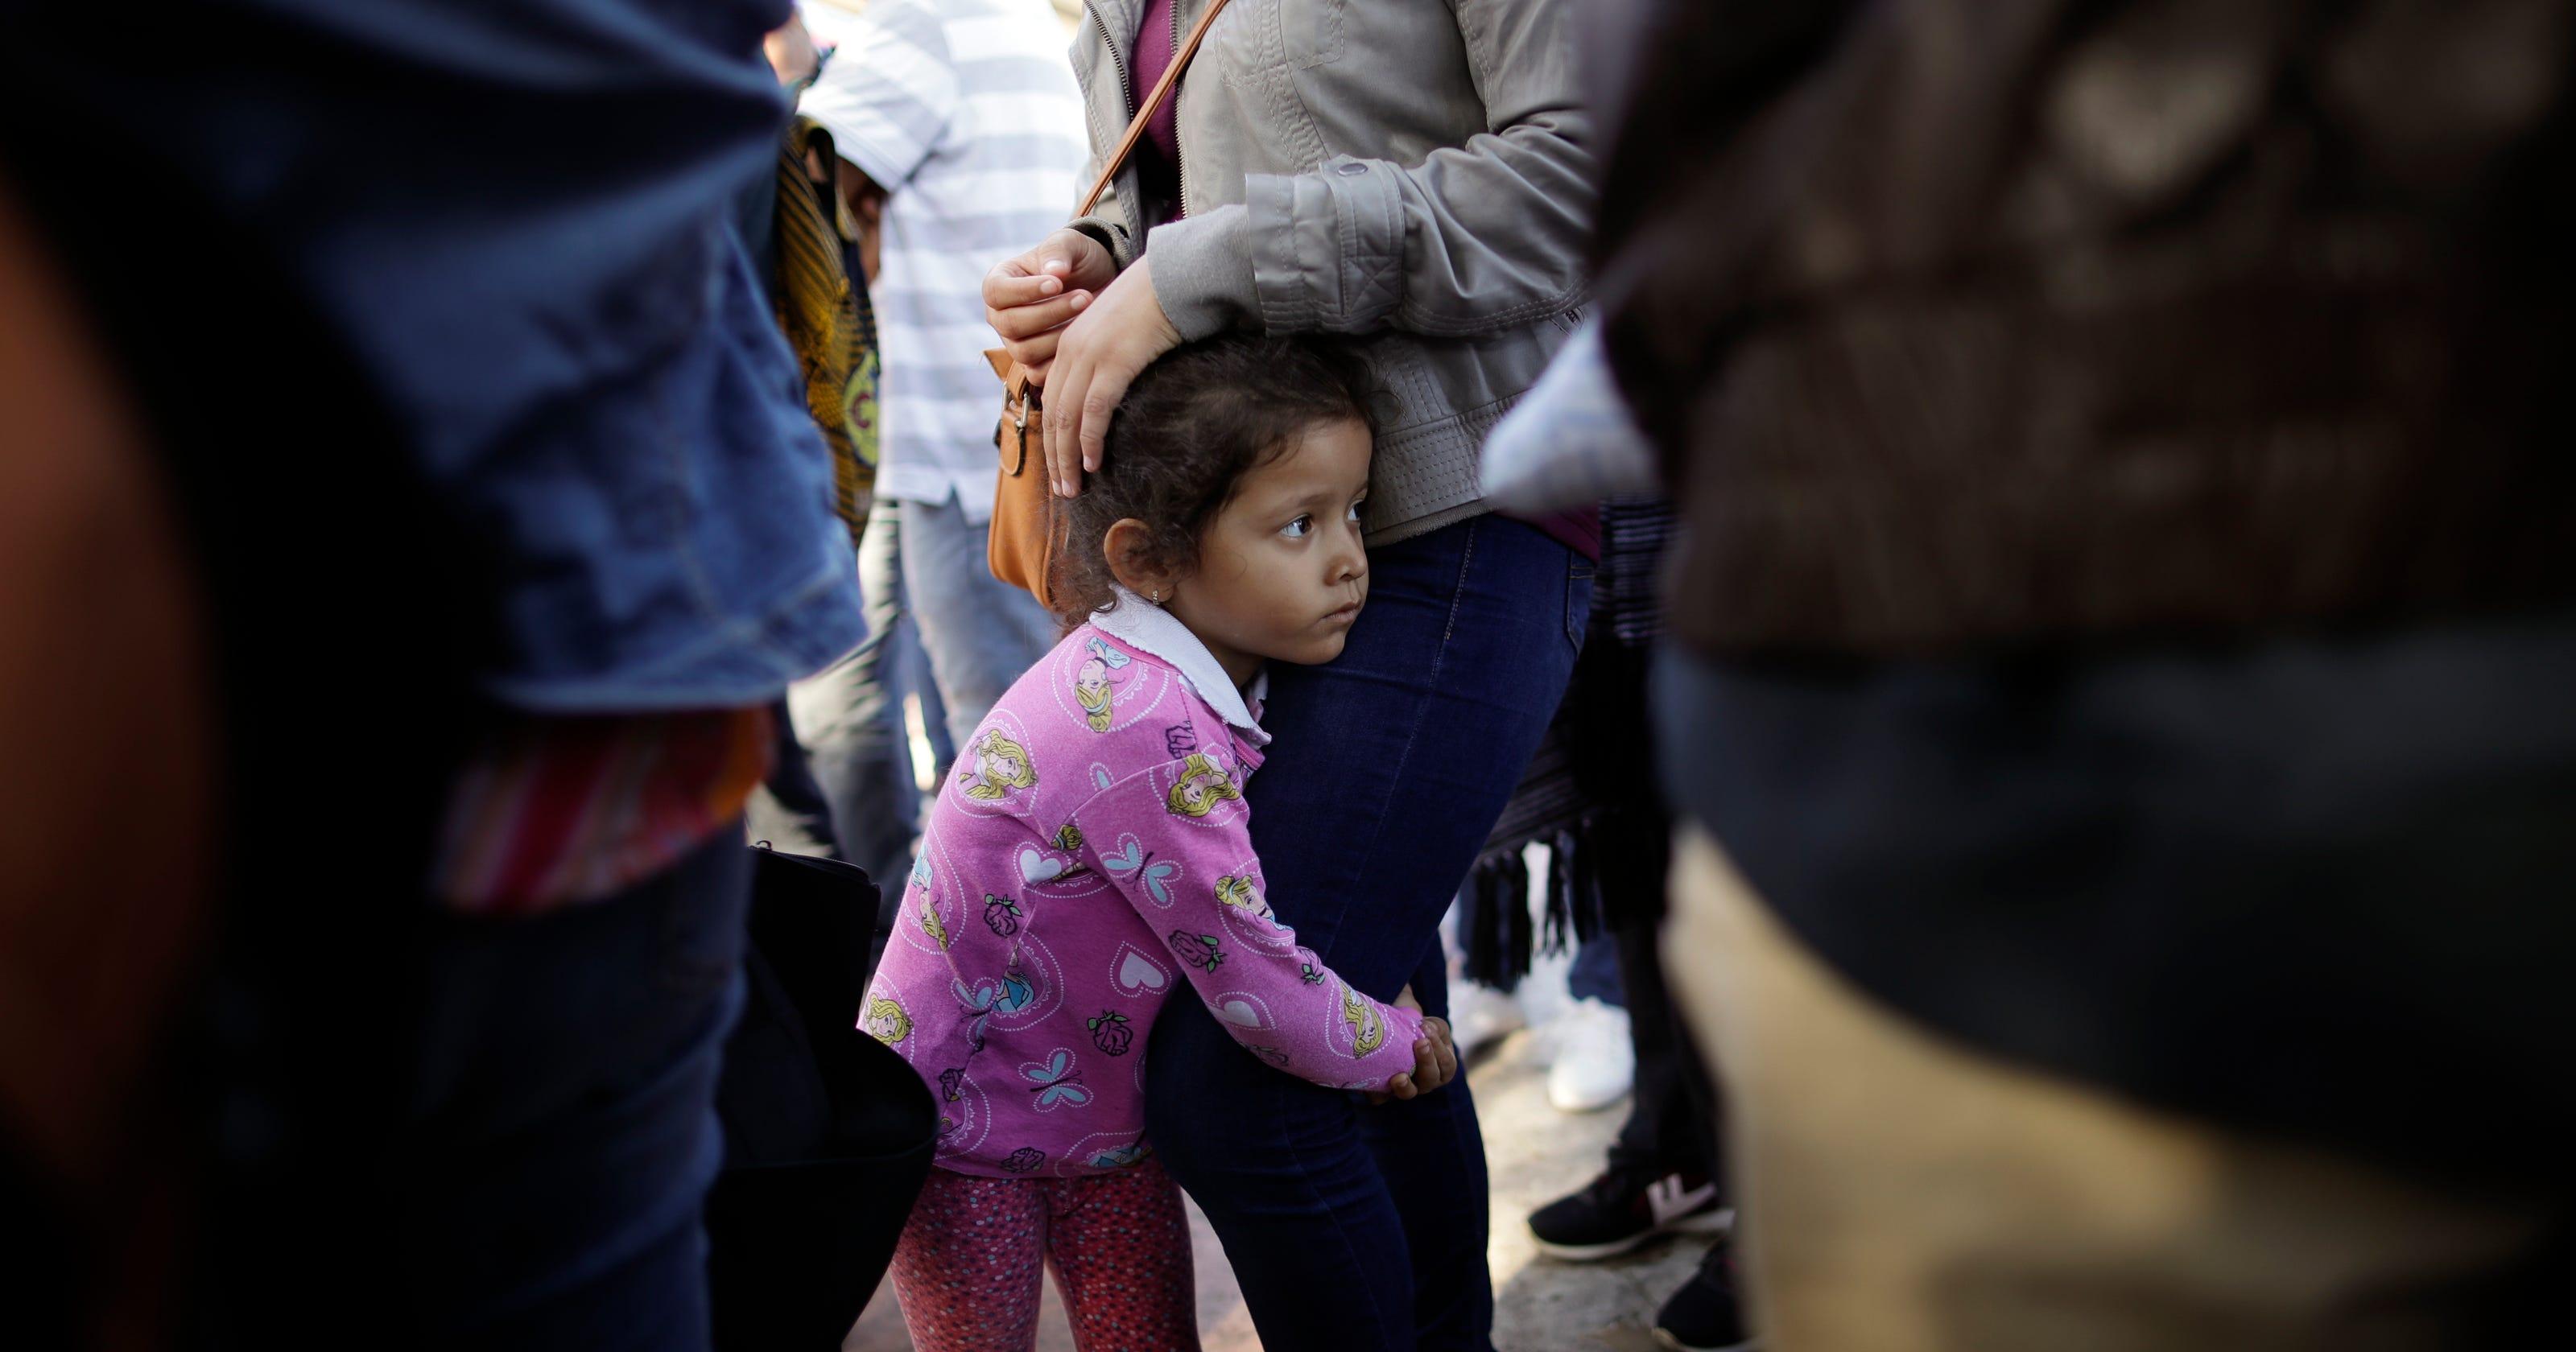 Buscan inmigrantes que gobierno pague por trauma de sus niños